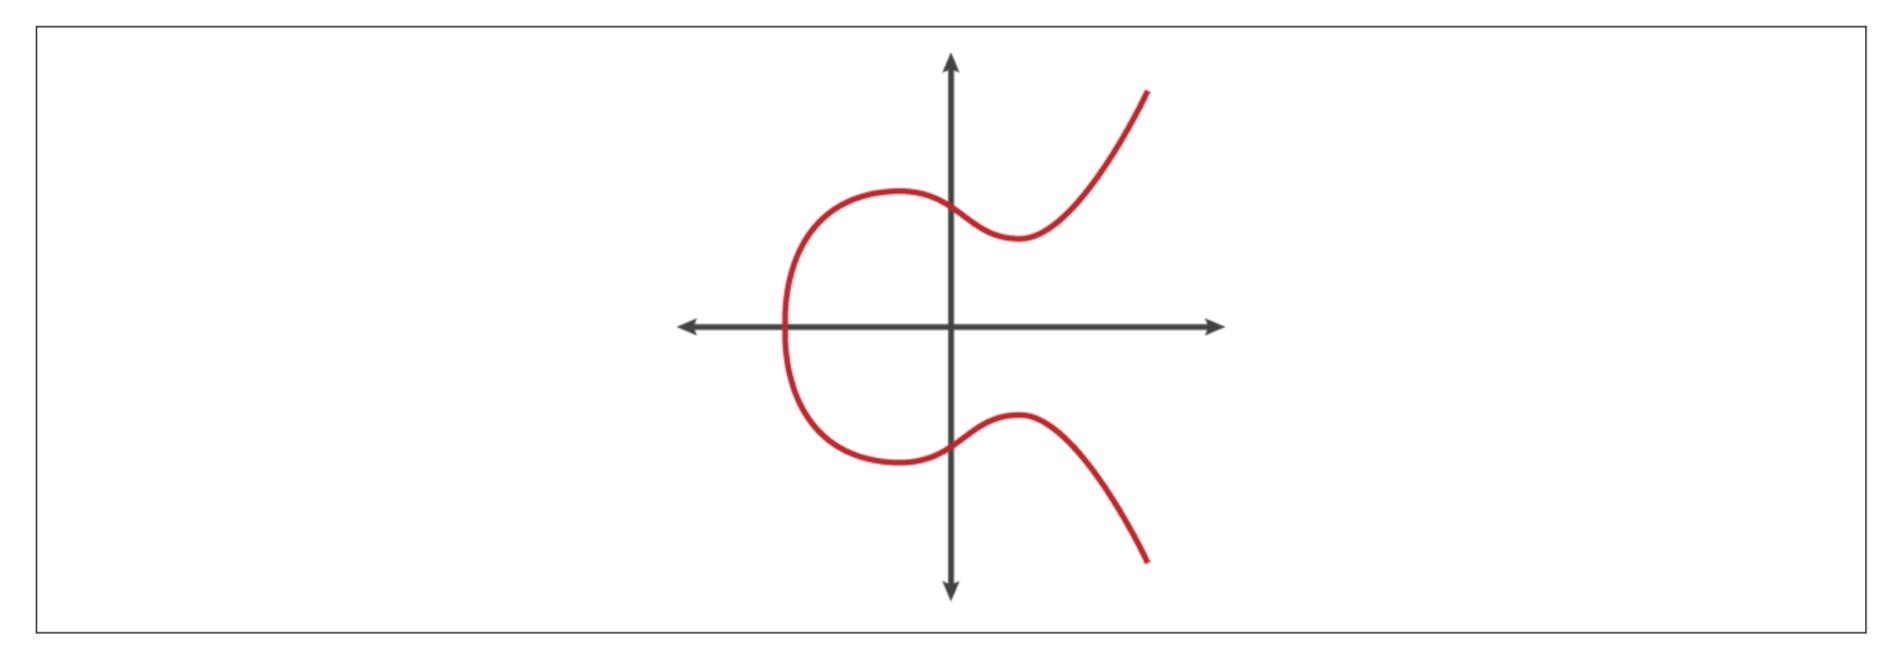 椭圆曲线示意图.png-69.5kb